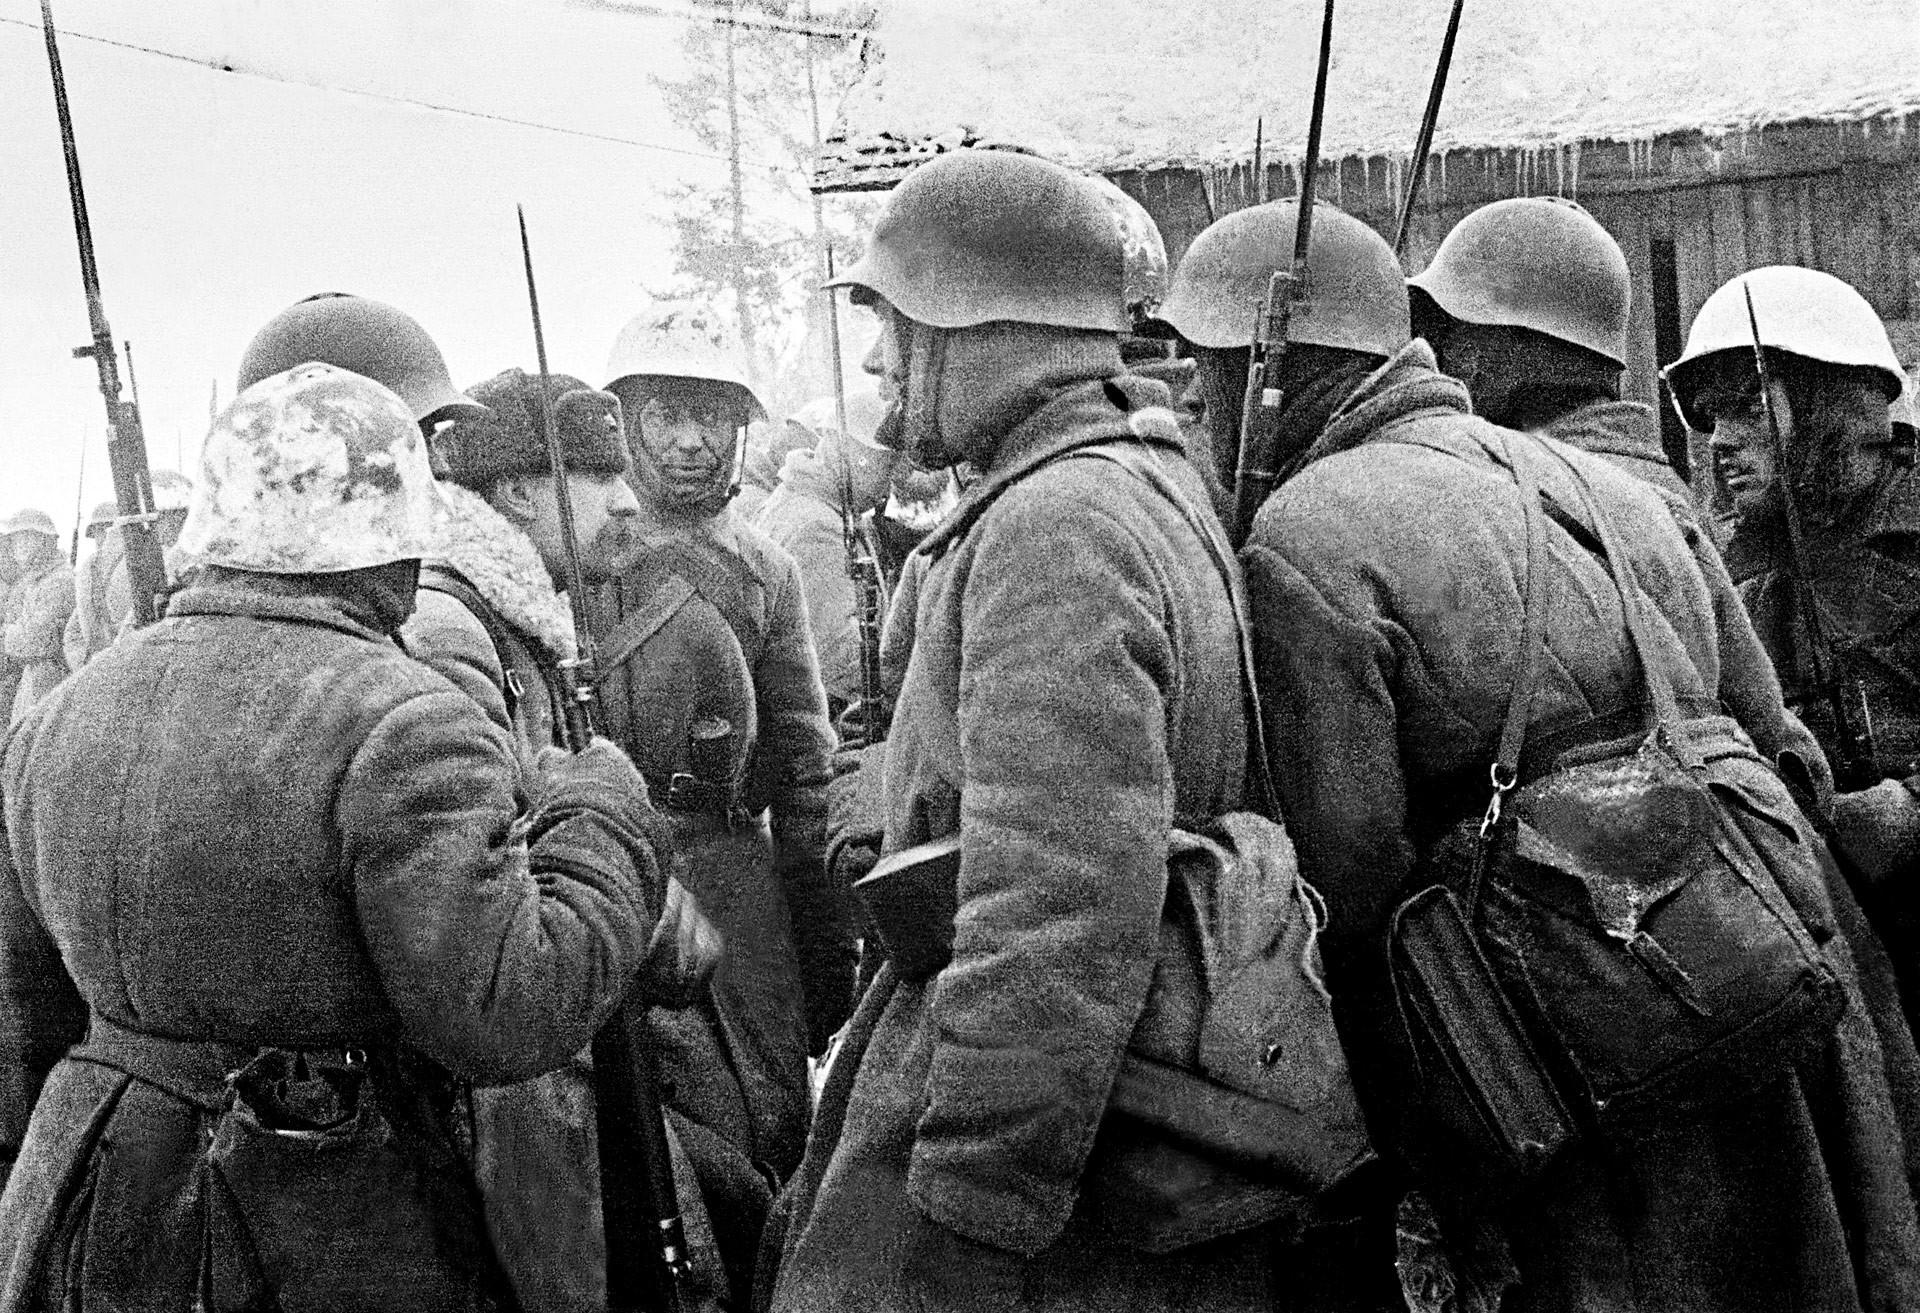 Comandante de un batallón instruye a sus soldados antes de entrar en combate, el istmo de Carelia, febrero de 1940.